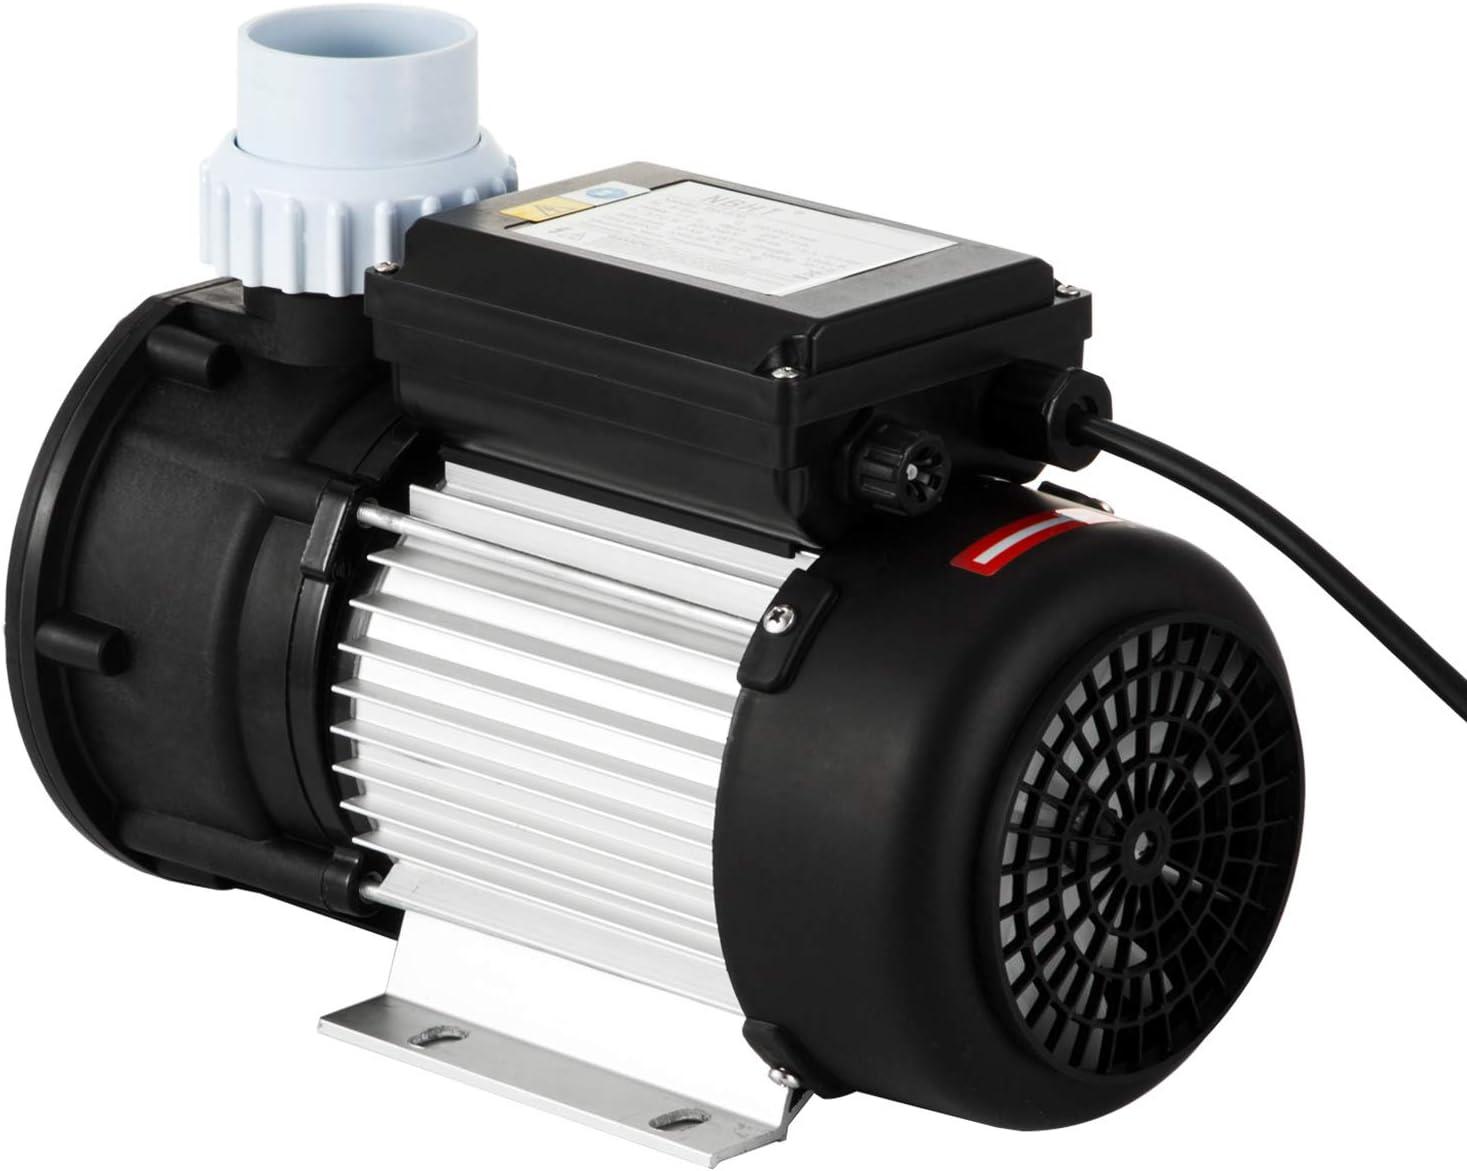 JA75 Anhon 0.75HP 220V Badekurort-Pumpe 0.55KW chinesischer Strudel-Umw/älzpumpe leistungsf/ähiger leistungsf/ähiger Service-Badekurort im Modell JA75